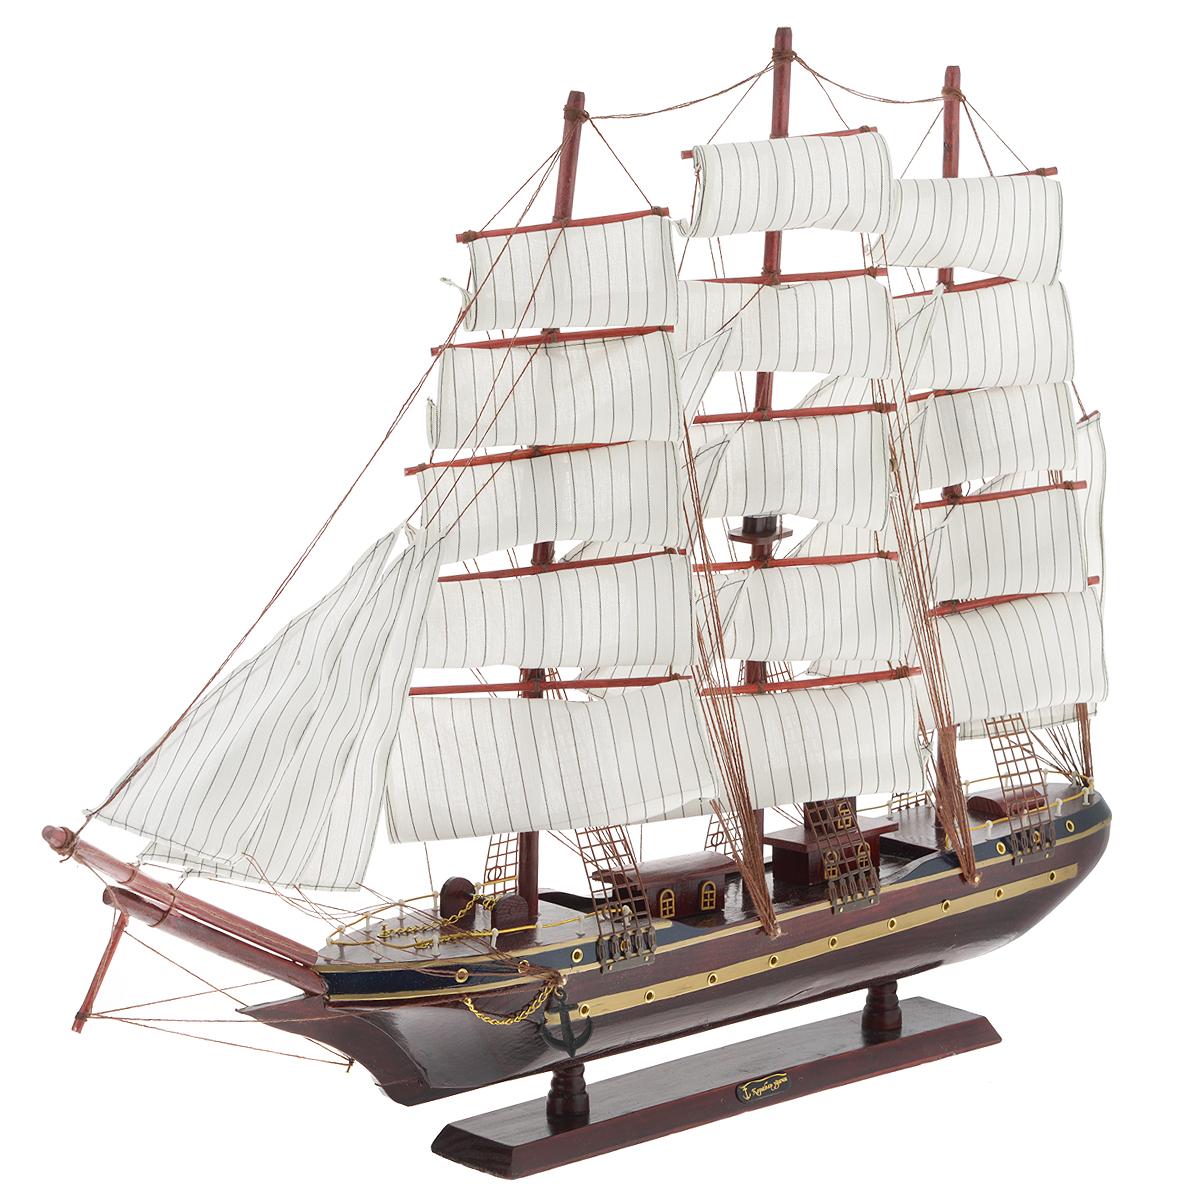 Корабль сувенирный Корабль удачи, длина 78 смNLED-420-1.5W-RСувенирный корабль Корабль удачи, изготовленный из дерева и текстиля, это великолепный элемент декора рабочей зоны в офисе или кабинете. Корабль с парусами и якорями помещен на деревянную подставку. Время идет, и мы становимся свидетелями развития технического прогресса, новых учений и практик. Но одно не подвластно времени - это любовь человека к морю и кораблям. Сувенирный корабль наполнен историей и силой океанских вод. Данная модель кораблика станет отличным подарком для всех любителей морей, поклонников историй о покорении океанов и неизведанных земель. Модель корабля - подарок со смыслом. Издавна на Руси считалось, что корабли приносят удачу и везение. Поэтому их изображения, фигурки и точные копии всегда присутствовали в помещениях. Удивите себя и своих близких необычным презентом.